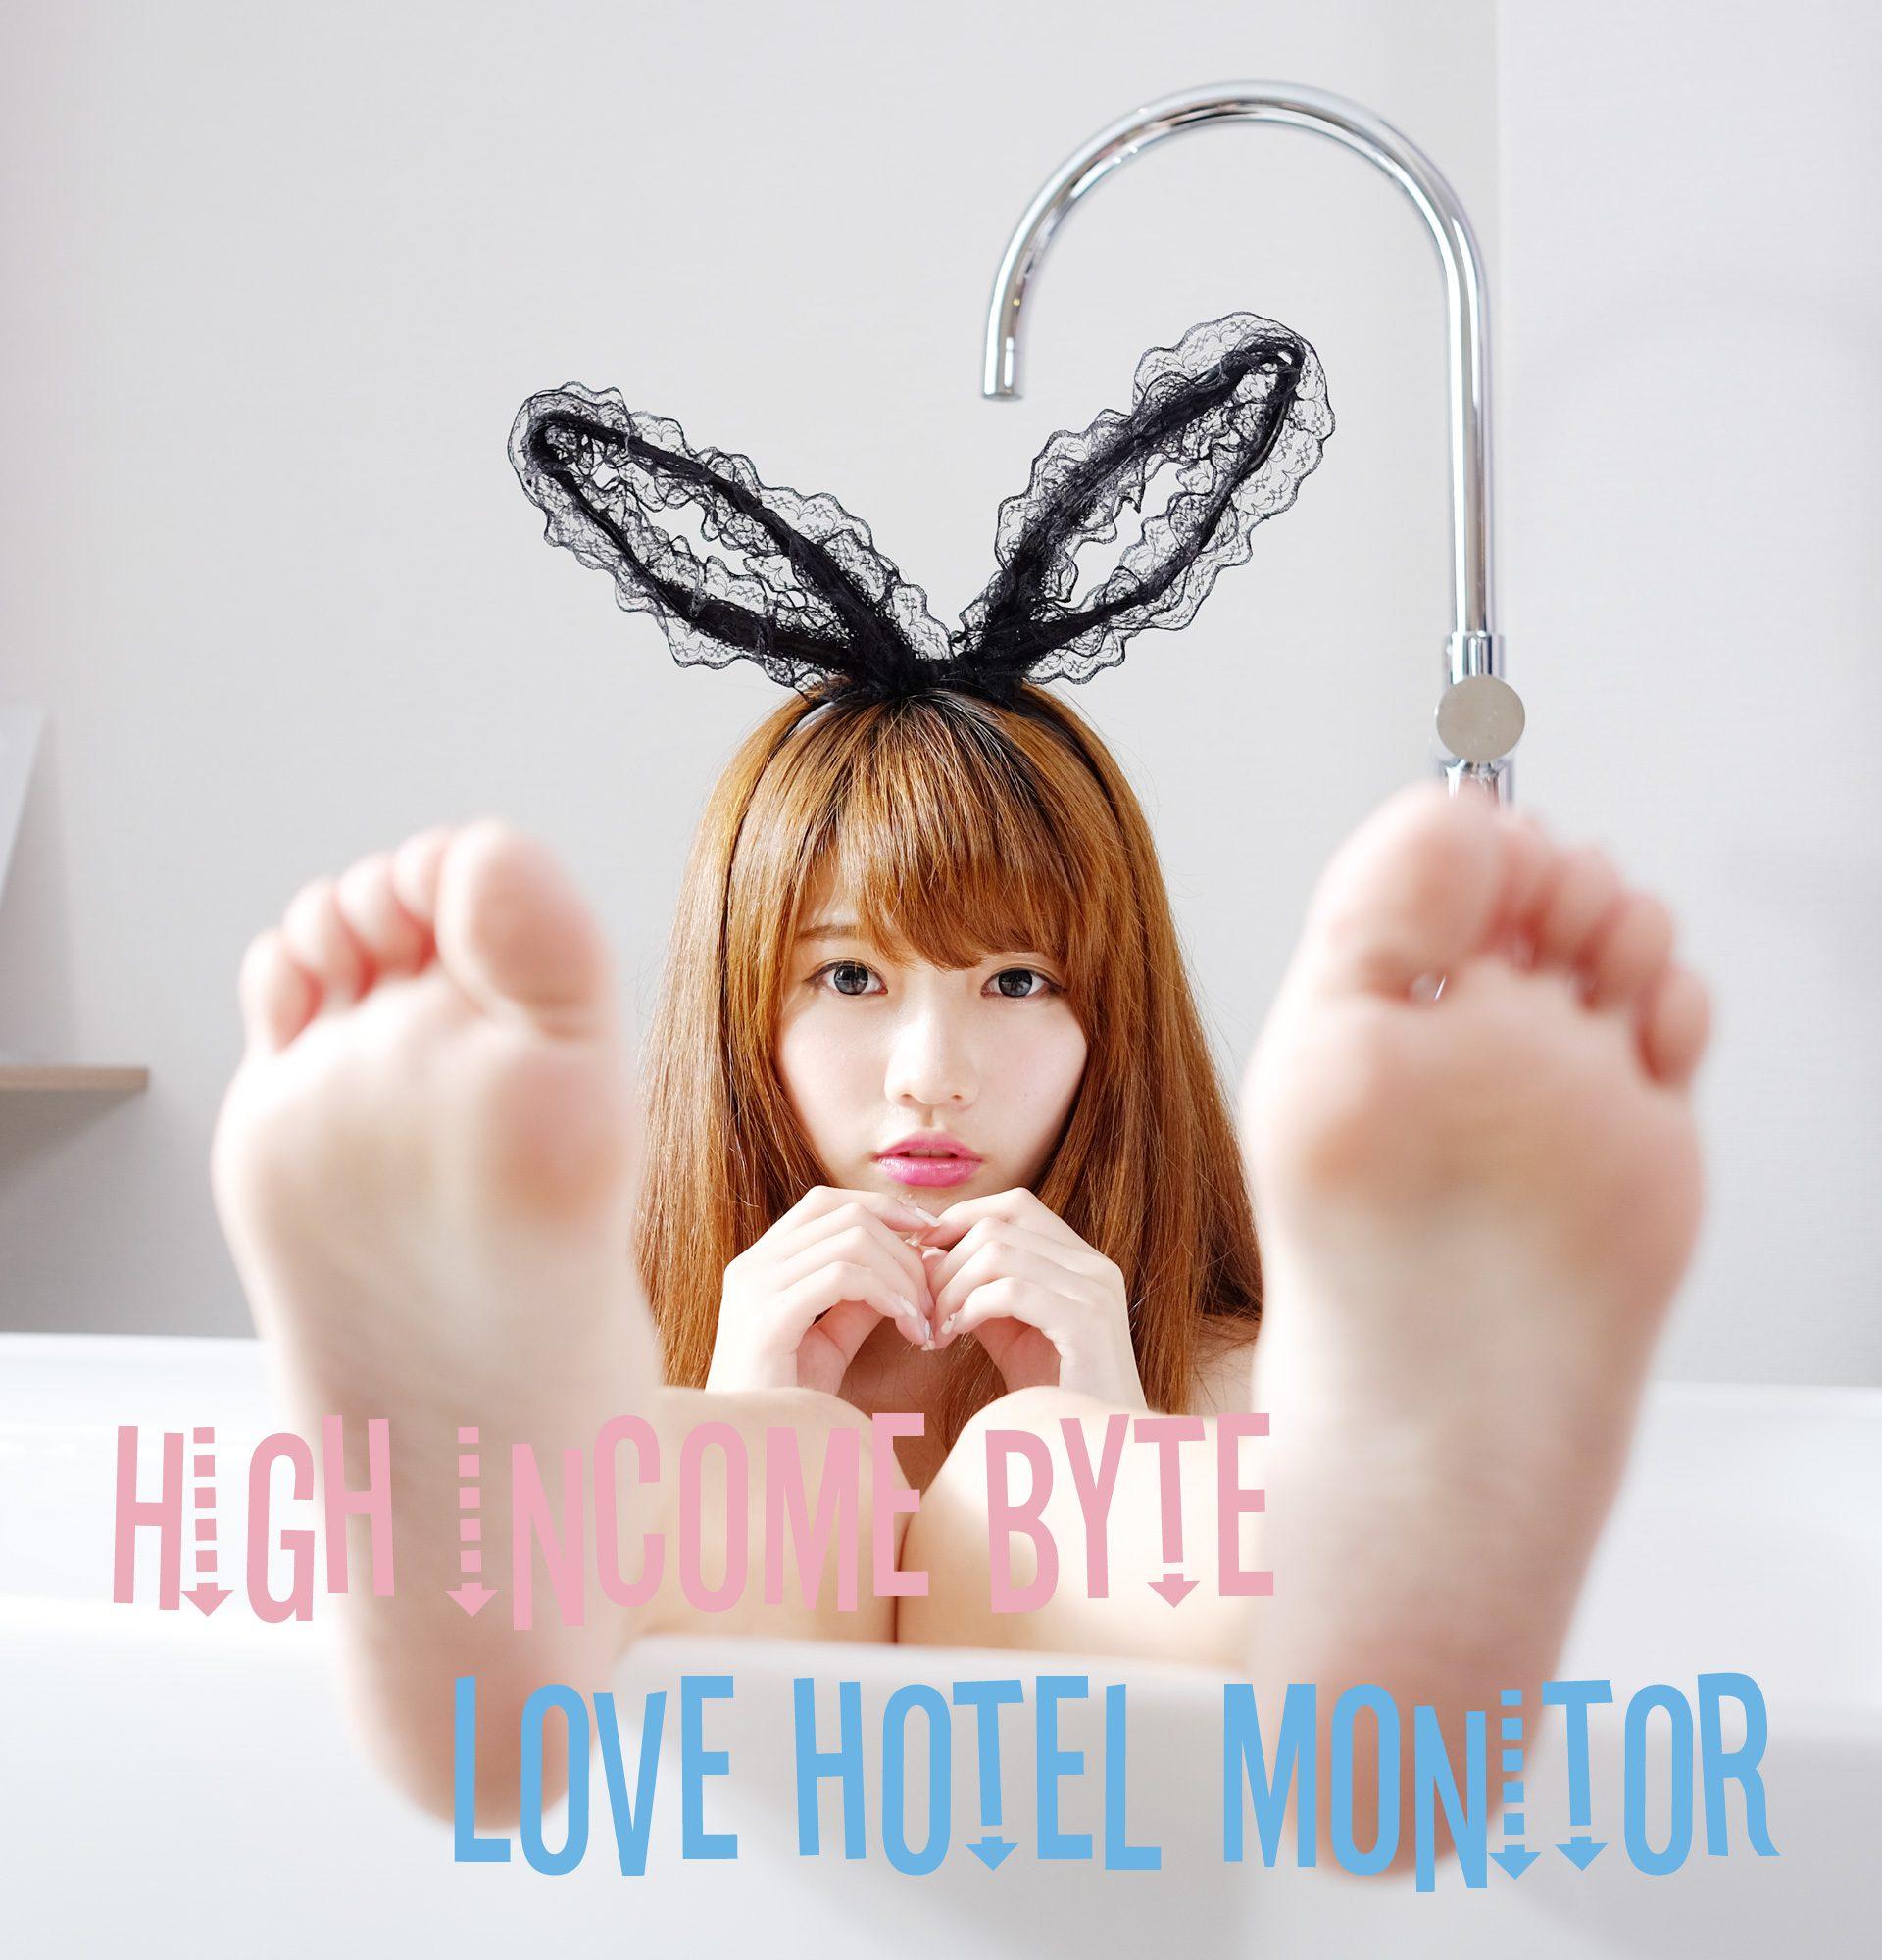 ラブホテルモニター募集なら『らぶもに』